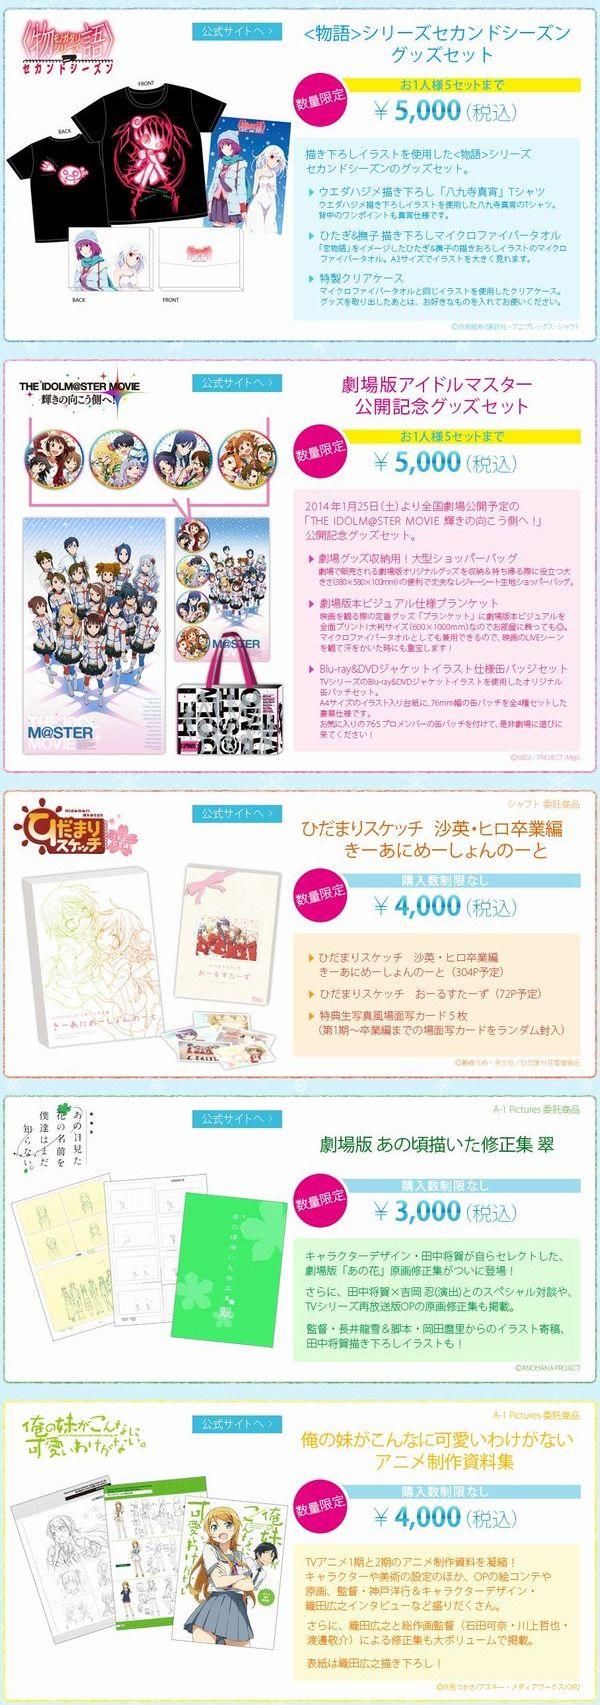 코믹마켓85, 애니플렉스 부스 판매 캐릭터 상품 샘플..